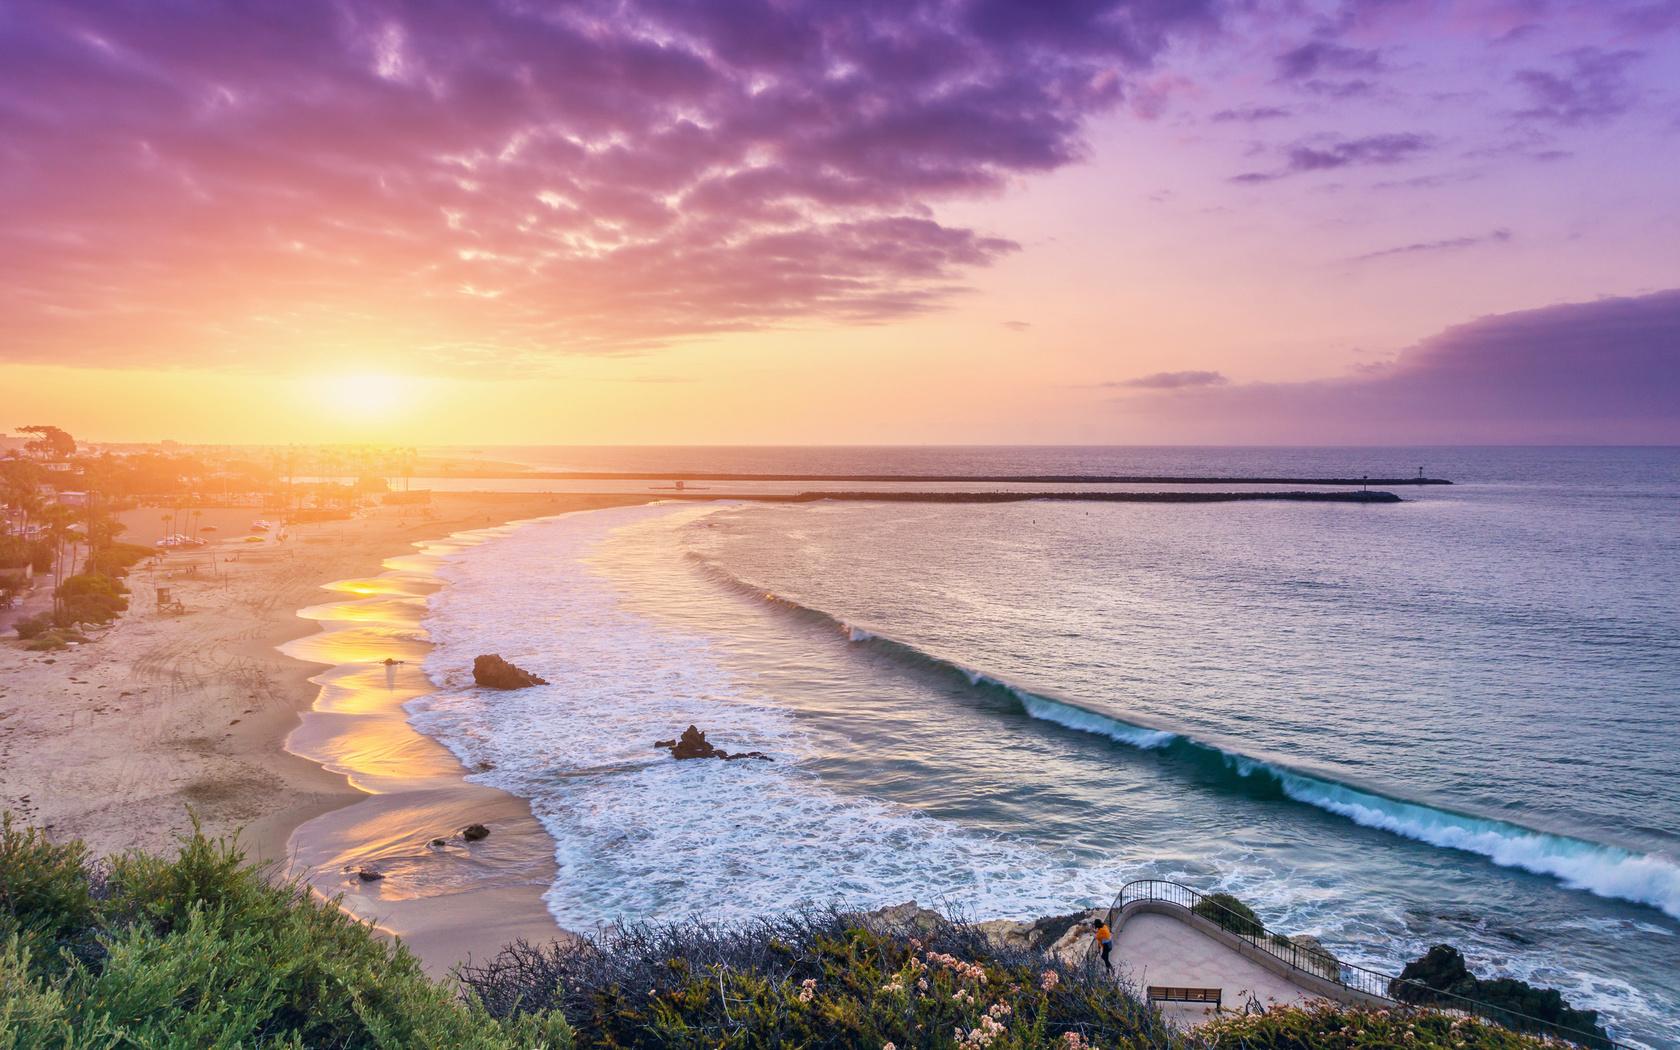 Corona del Mar Newport Beach (1680x1050)